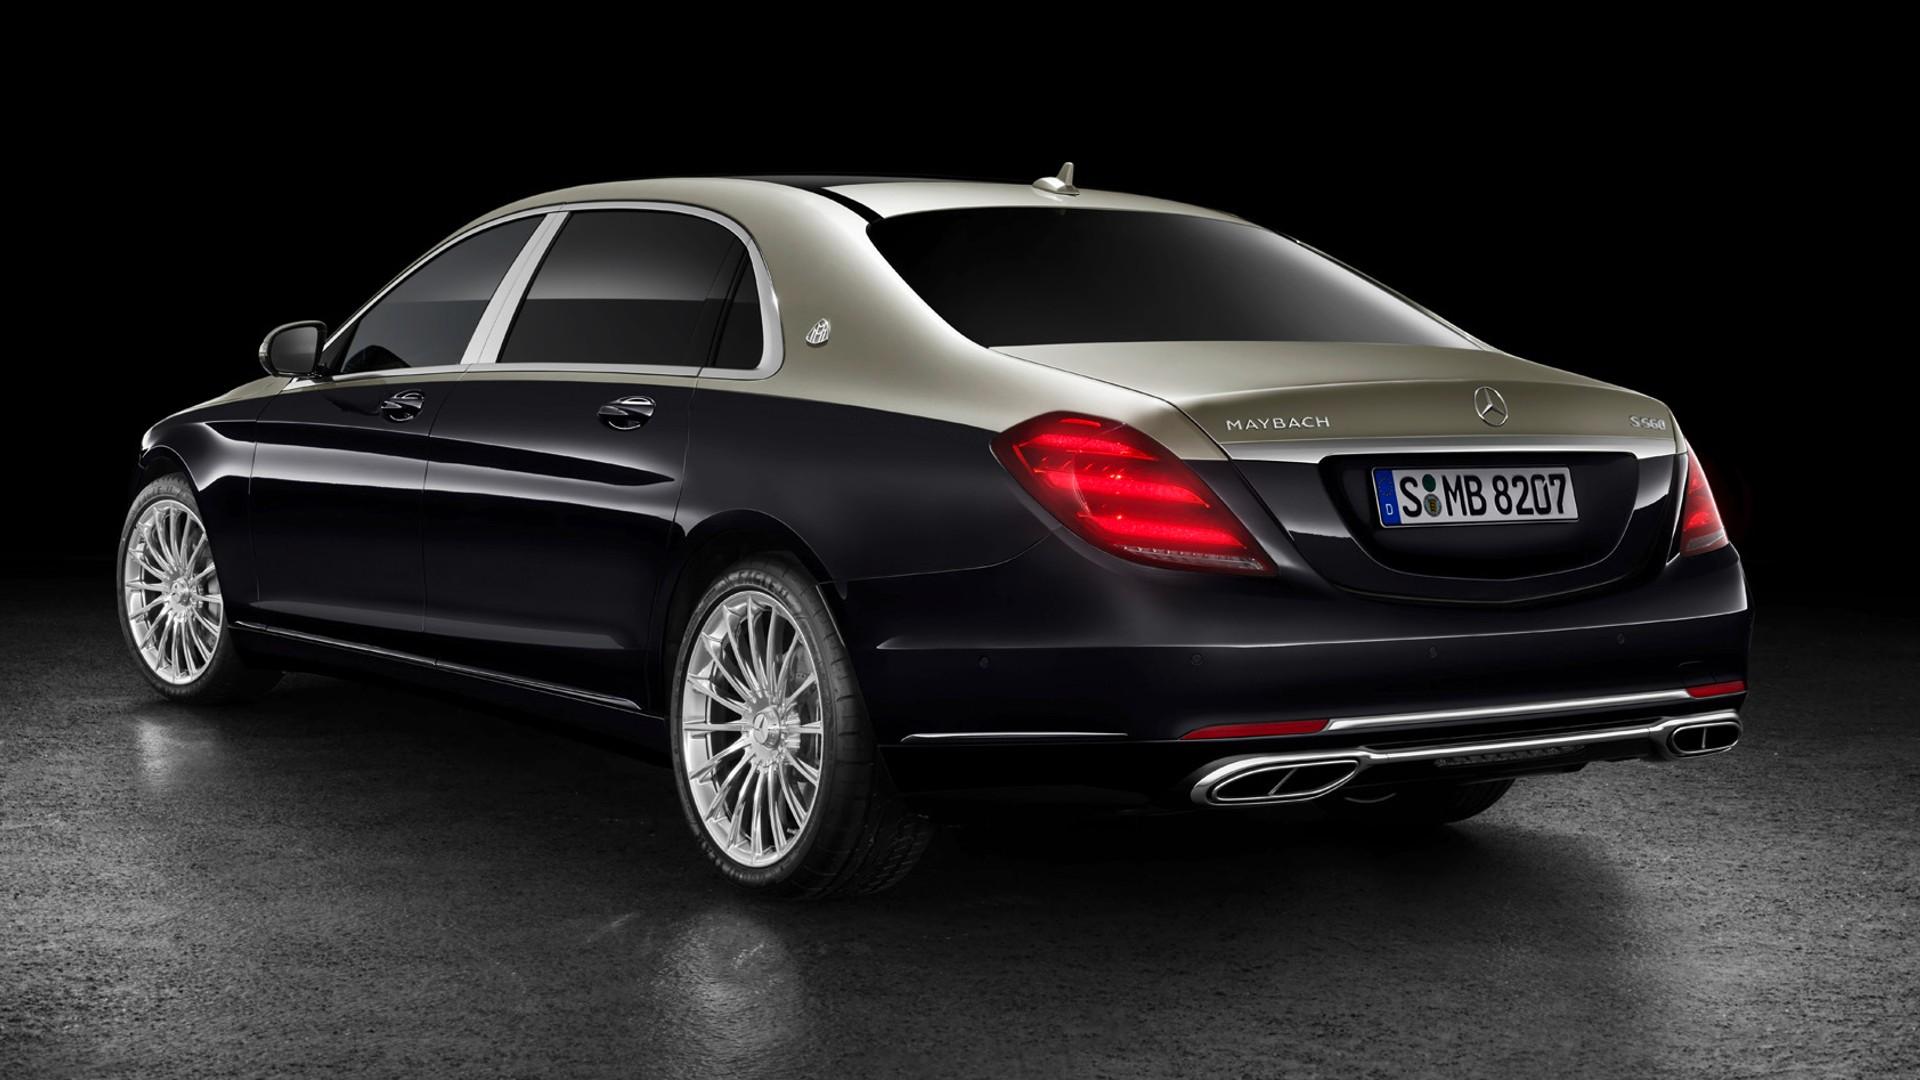 Китайские тюнеры превратили Mercedes E-Class L в очень убедительного двойника Maybach